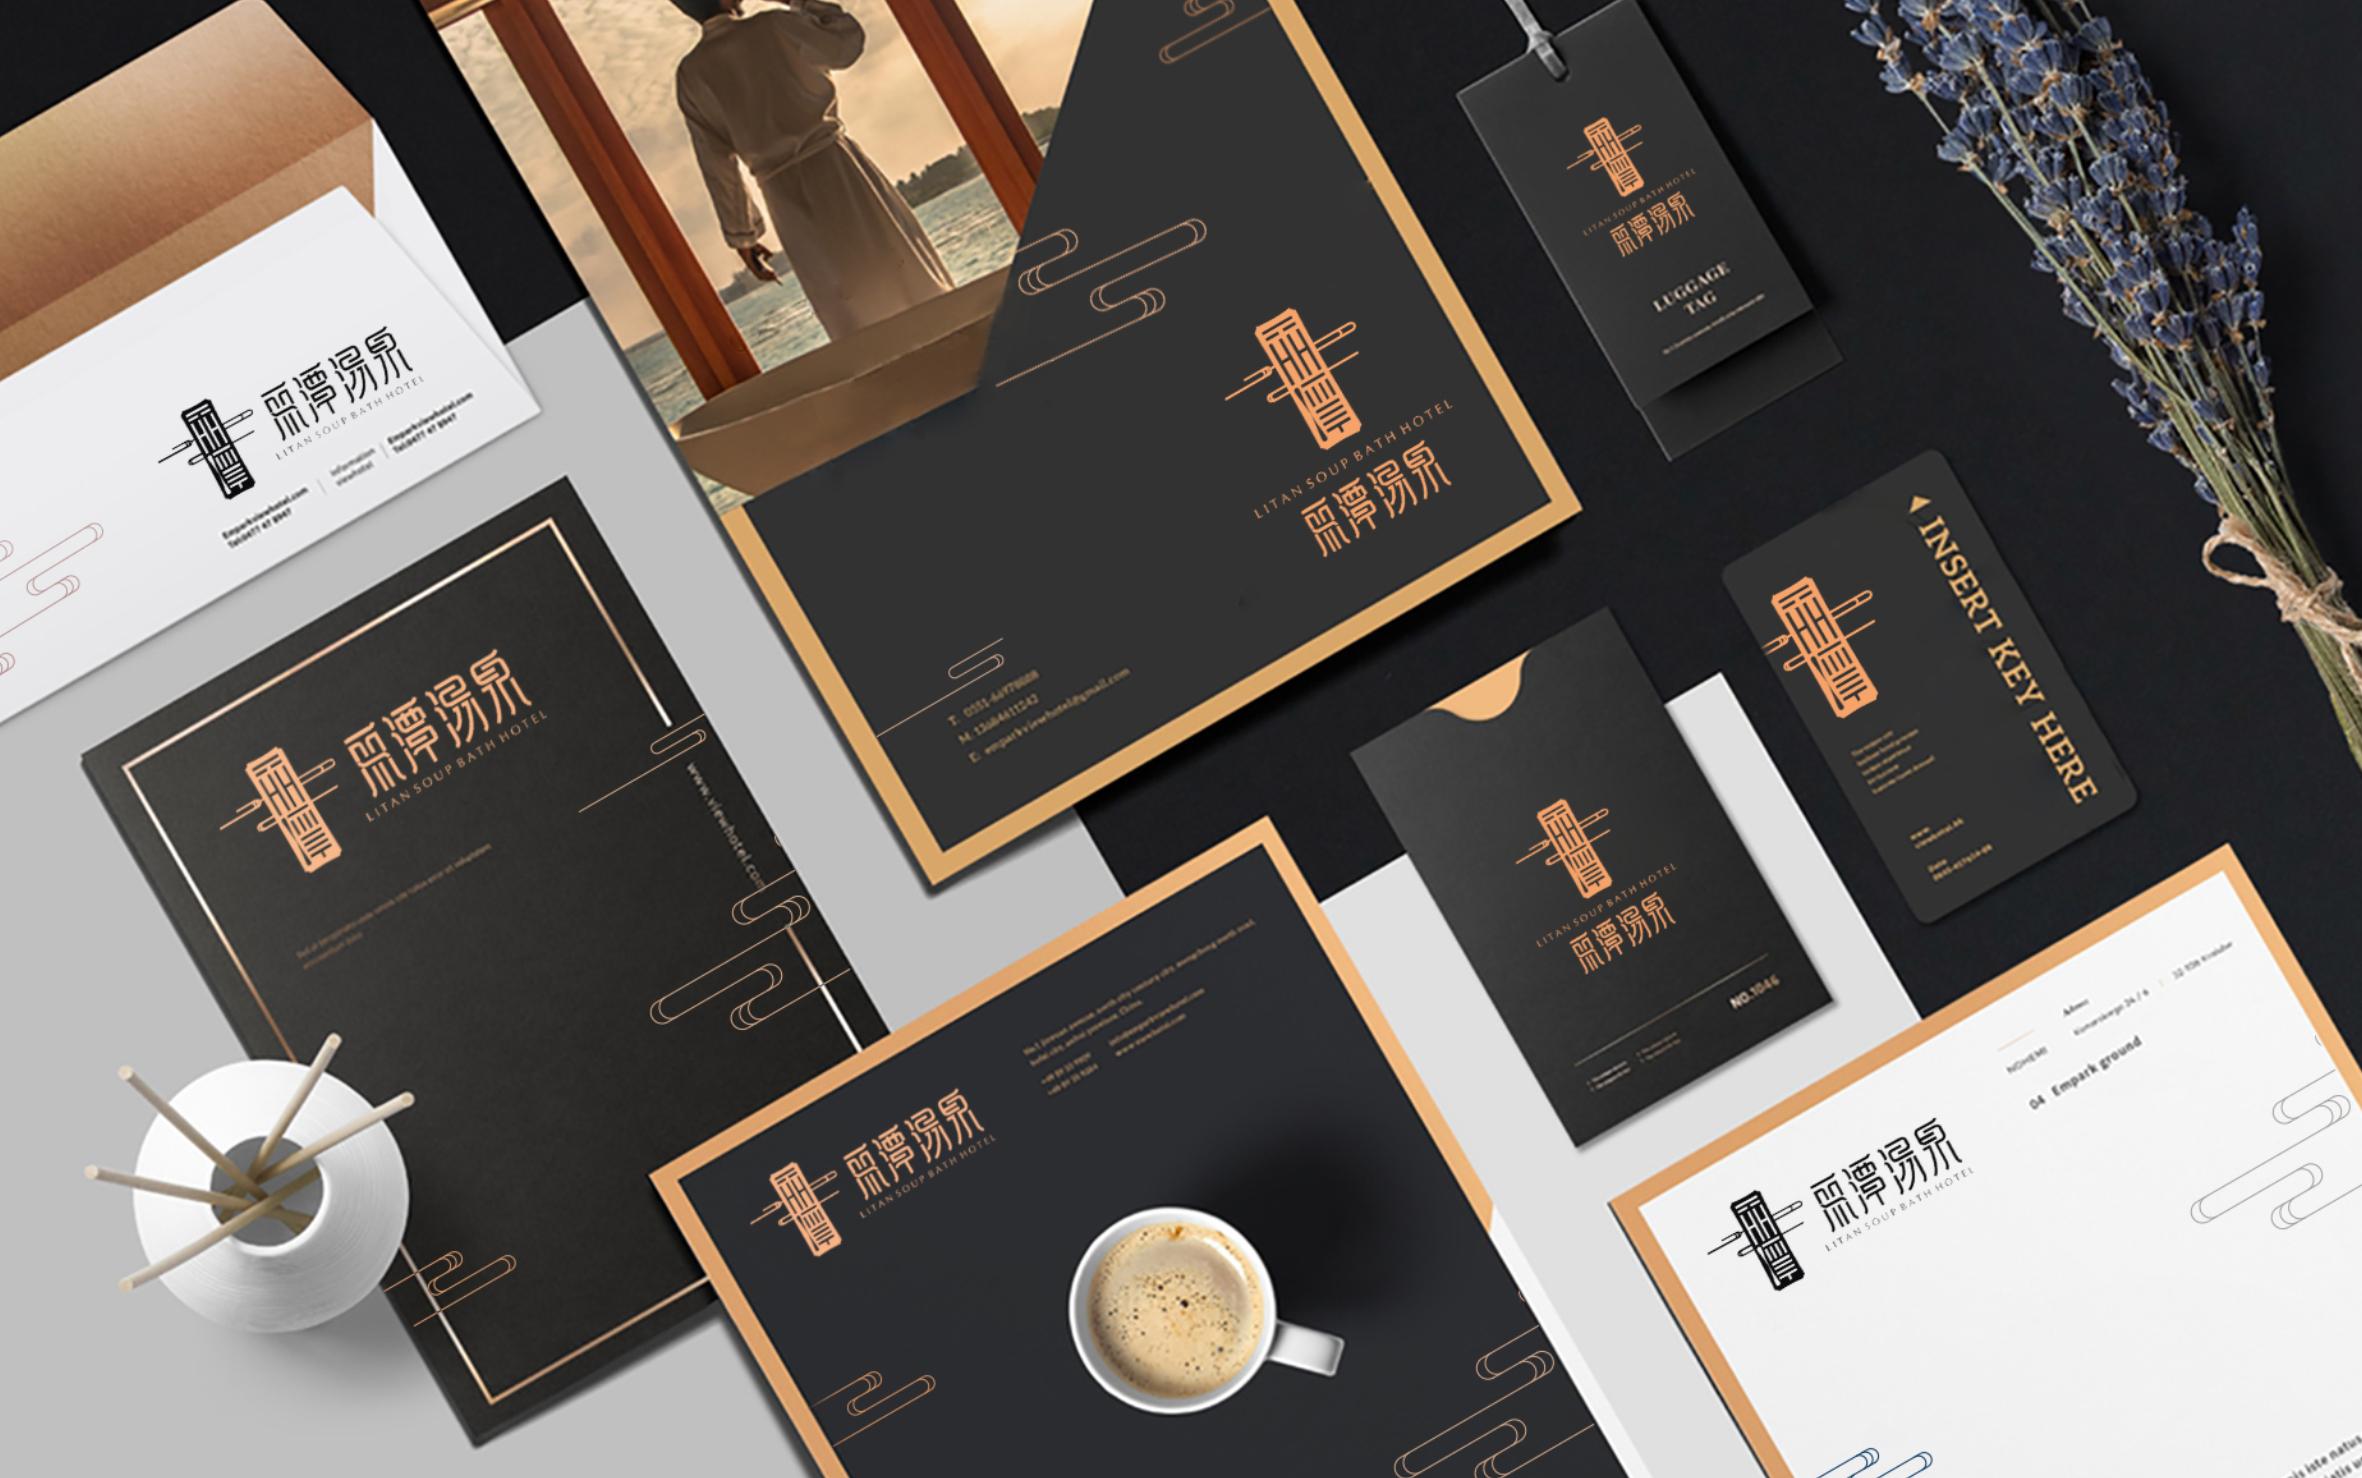 【服装服饰】工作服装VI企业vi设计VI物料制作线上VI手册